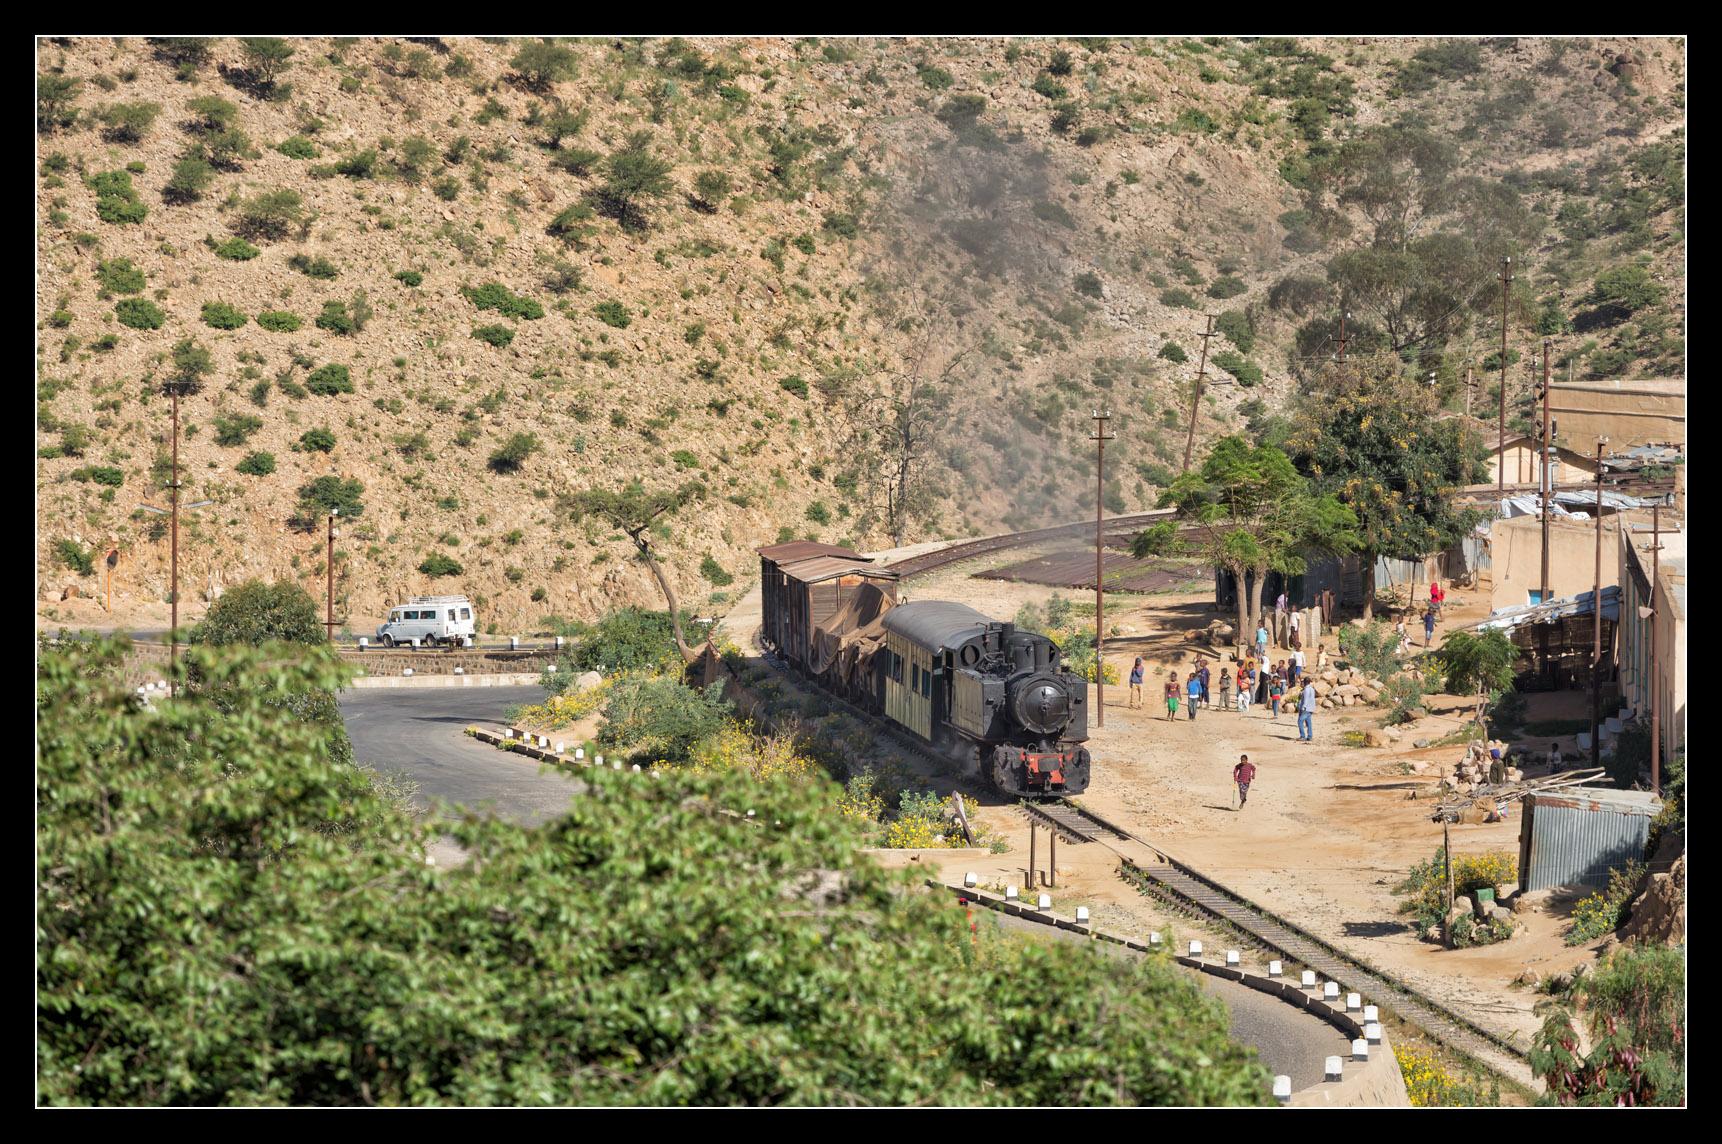 http://raildata.info/eritrea18/eri0709.jpg